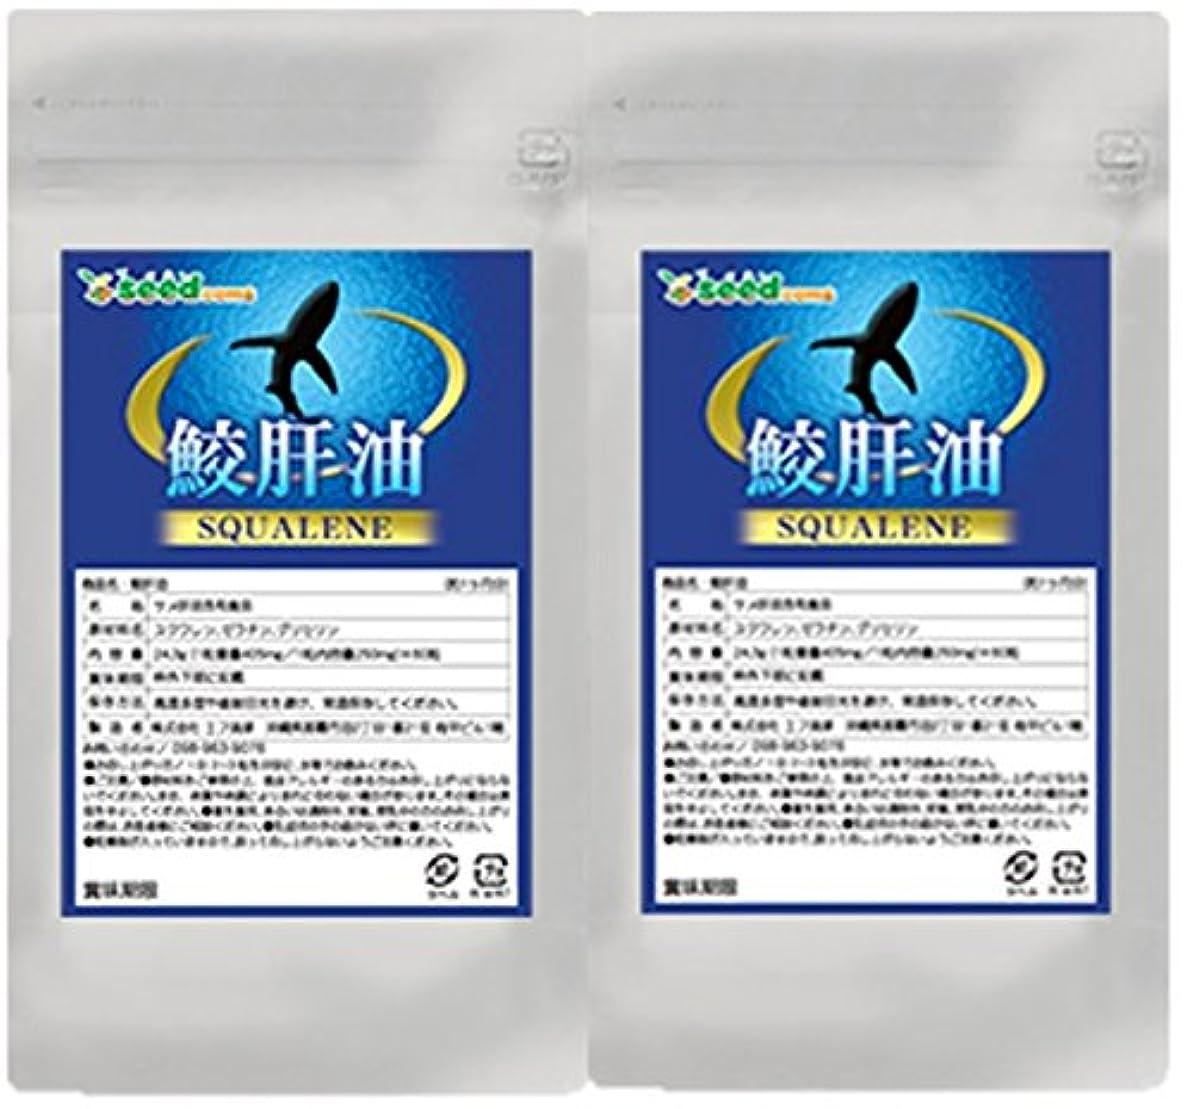 バーストアレンジにぎやかスクワレン 鮫肝油 (約6ヶ月分) 深海鮫の力強い生命力!!